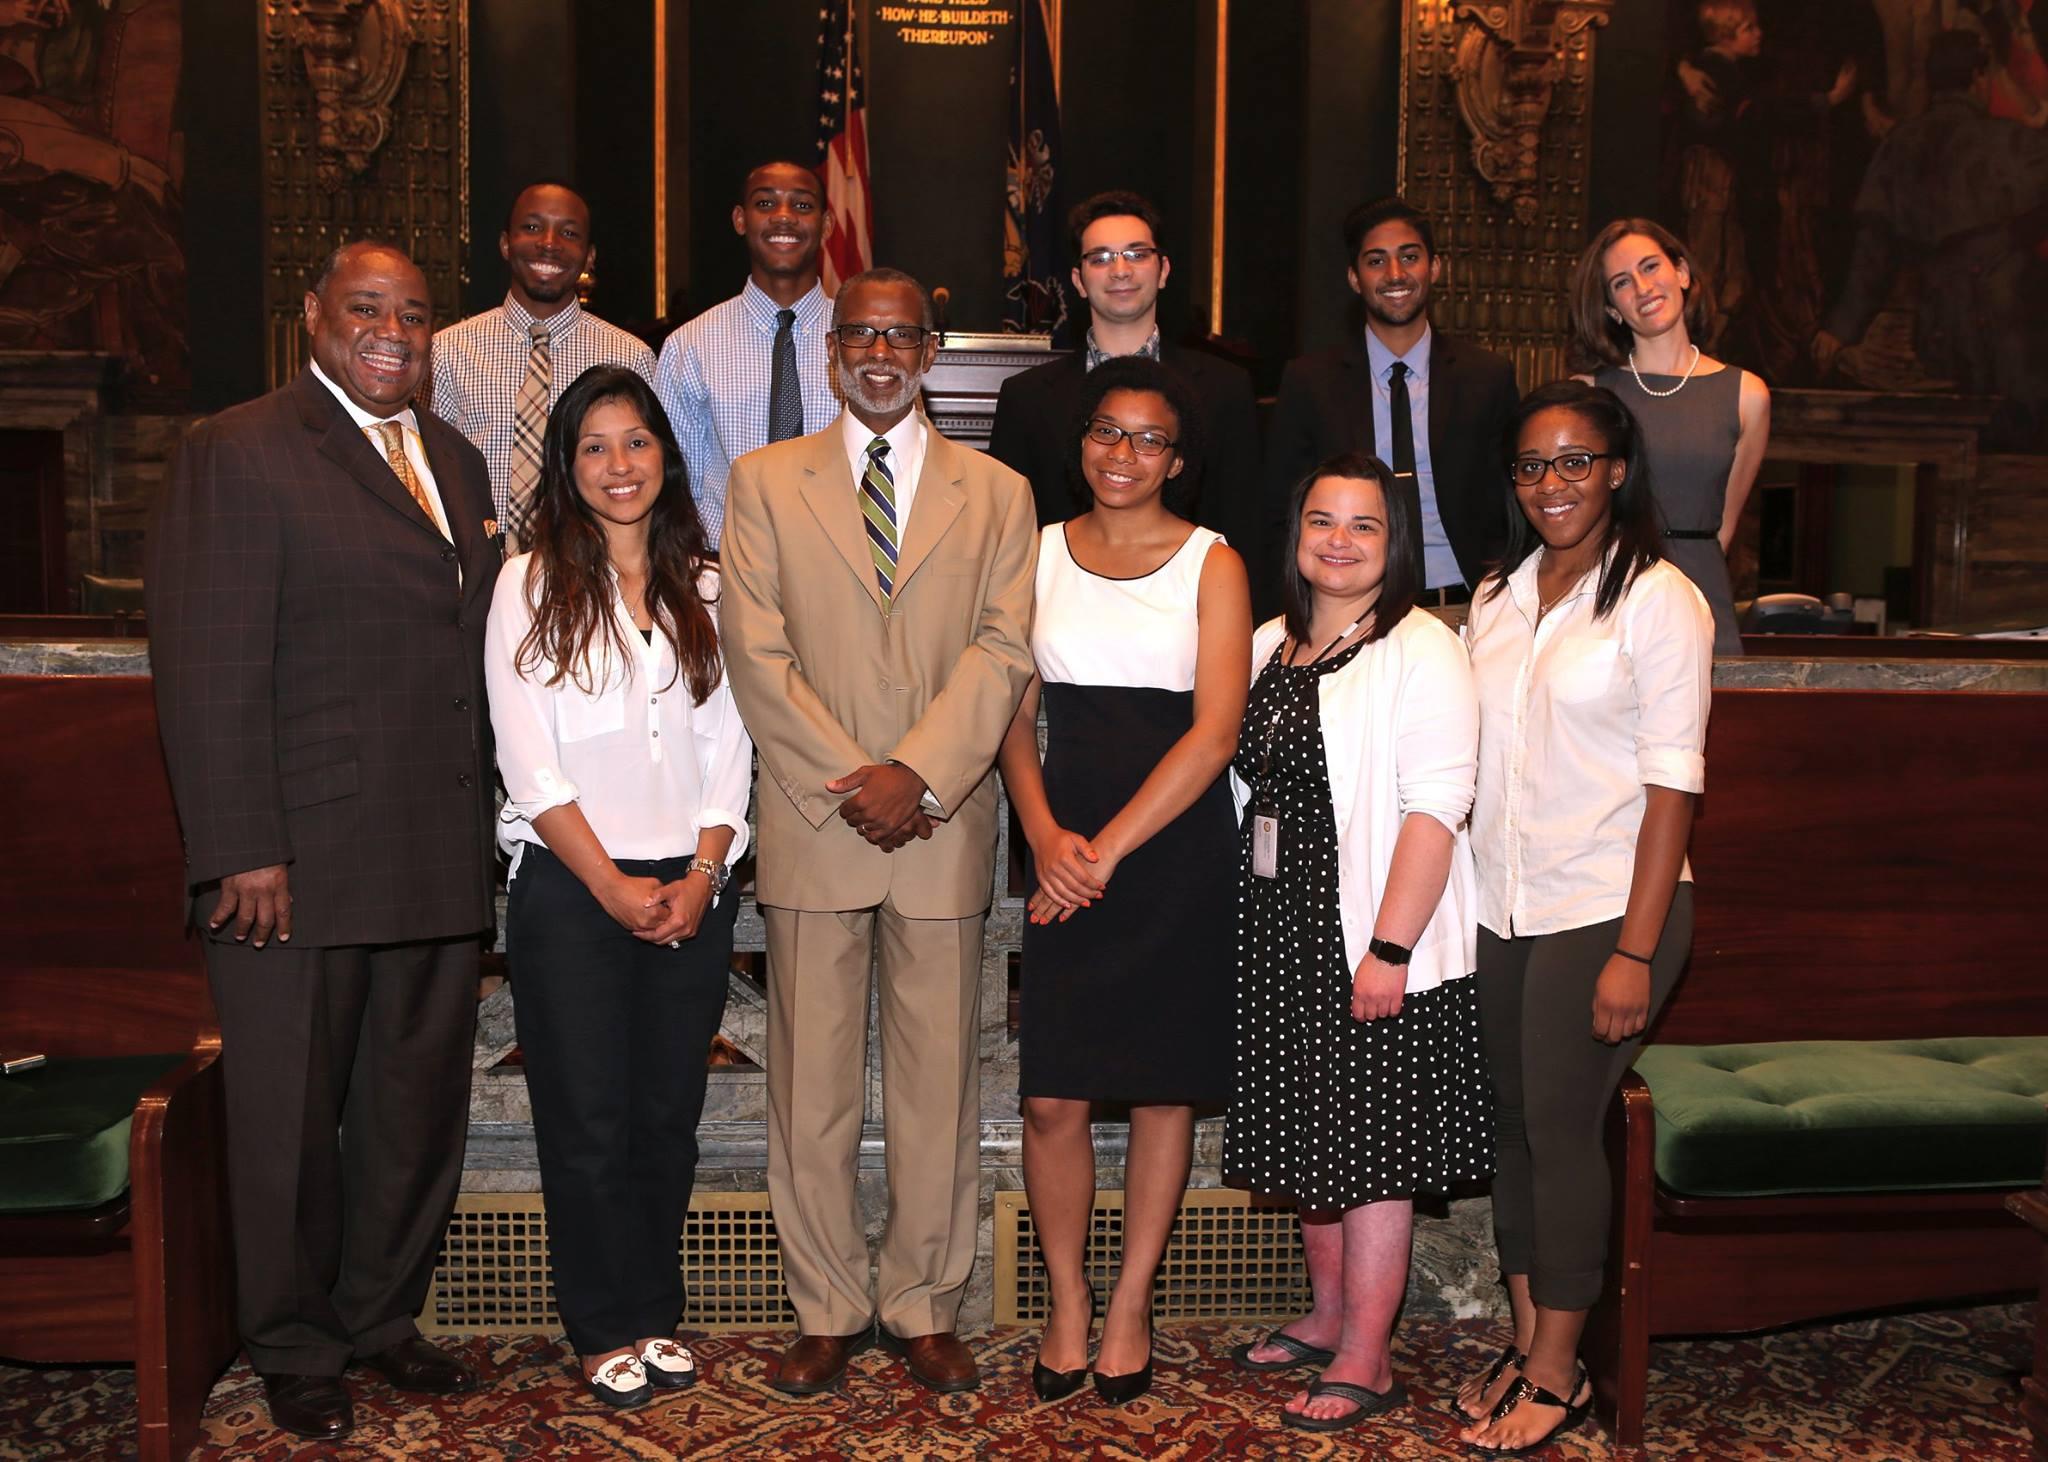 August 11, 2015: District Office Interns Visited Harrisburg